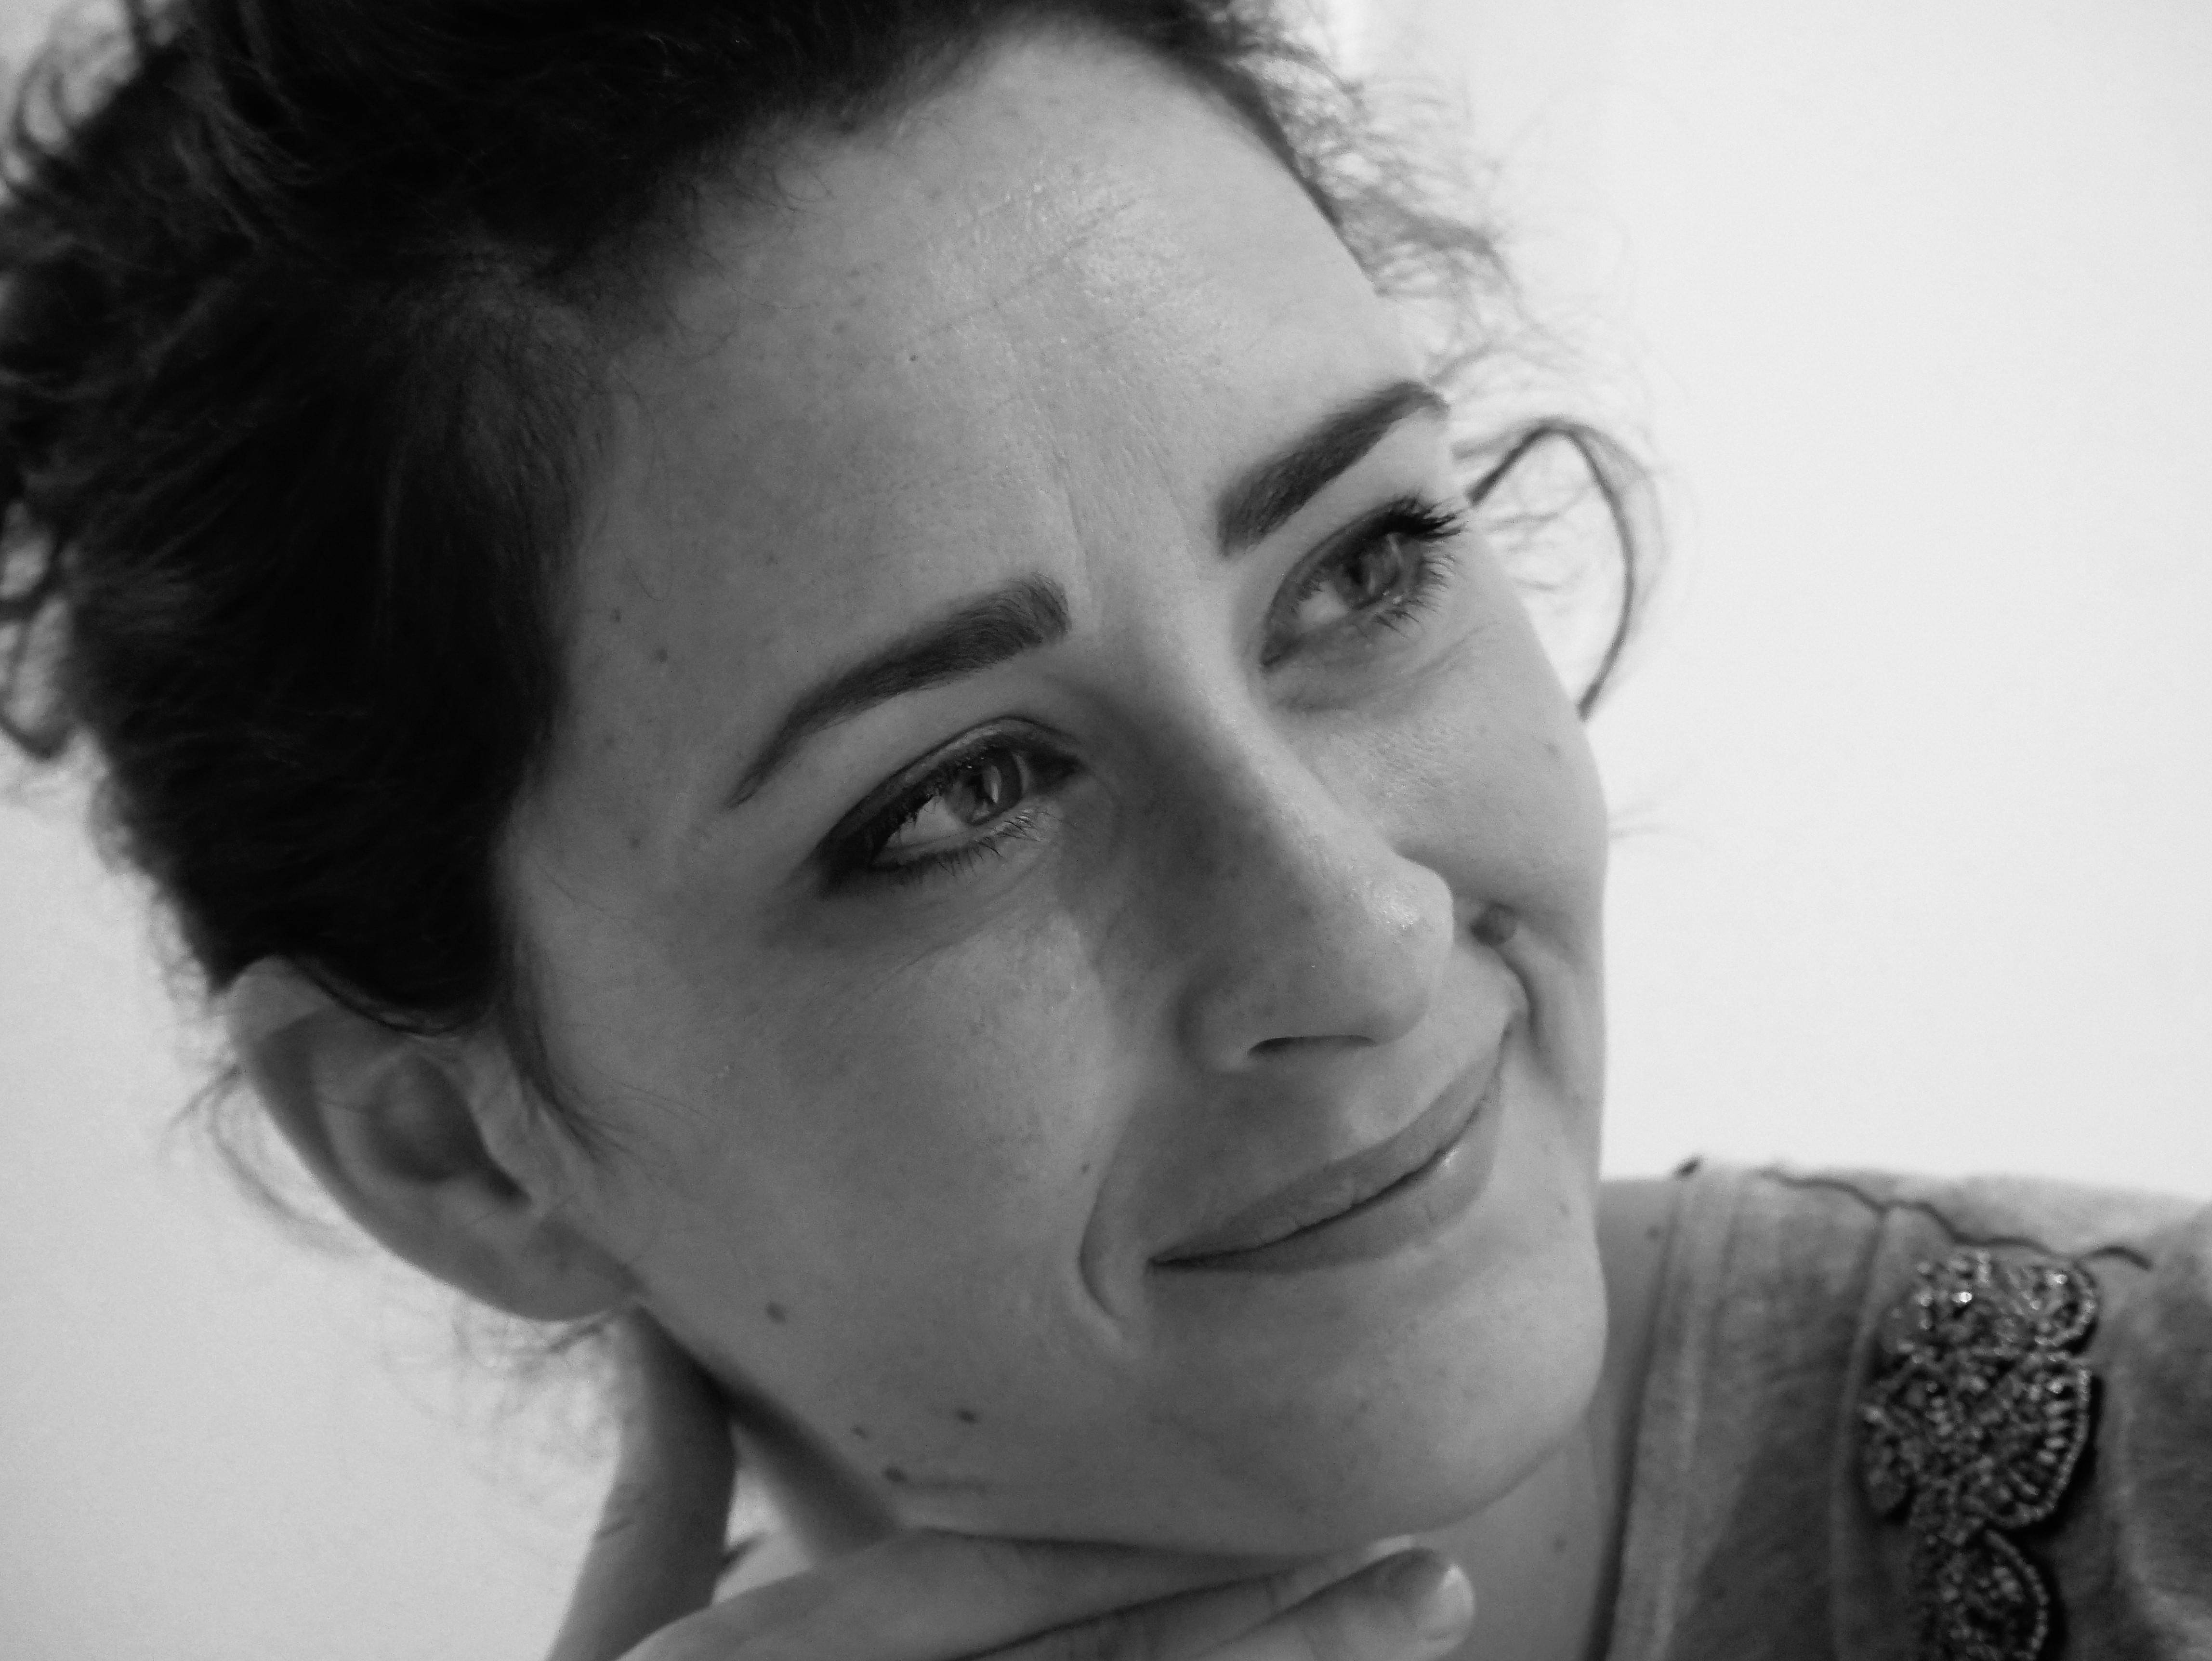 comment-saimer-autoportrait-noir-et-blanc